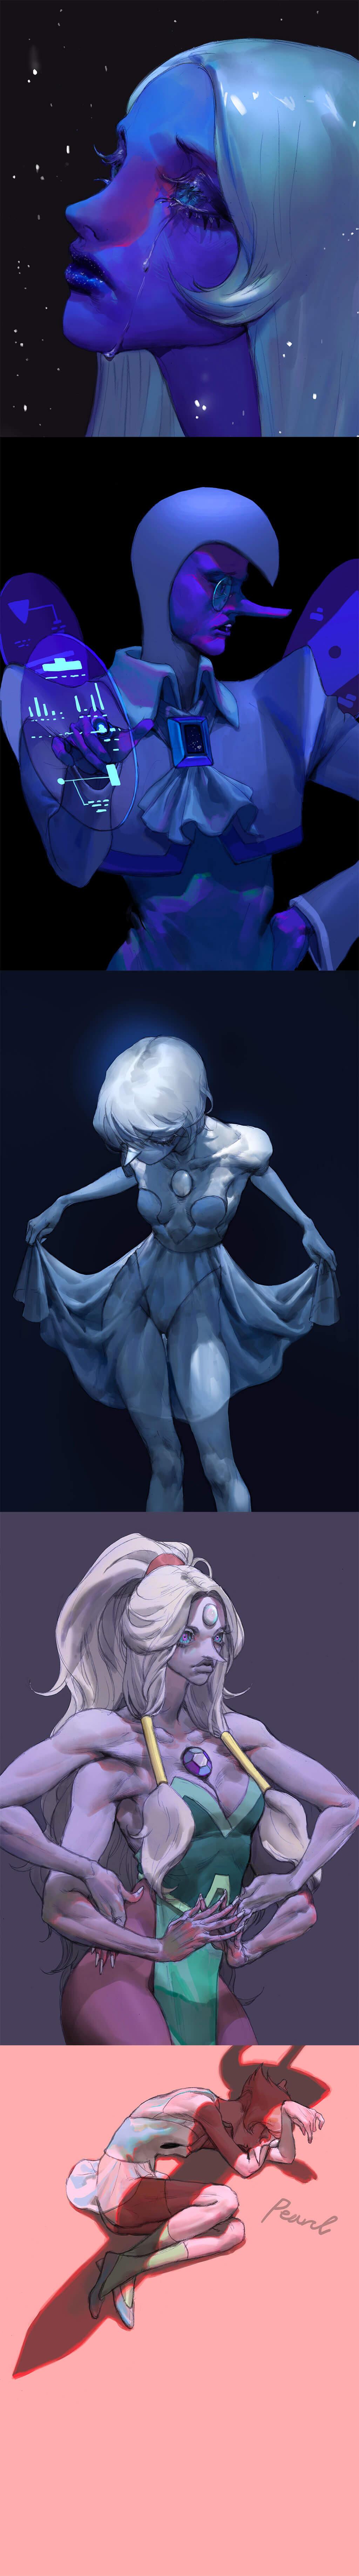 Steven Universe Fan Art by JUNG JIA